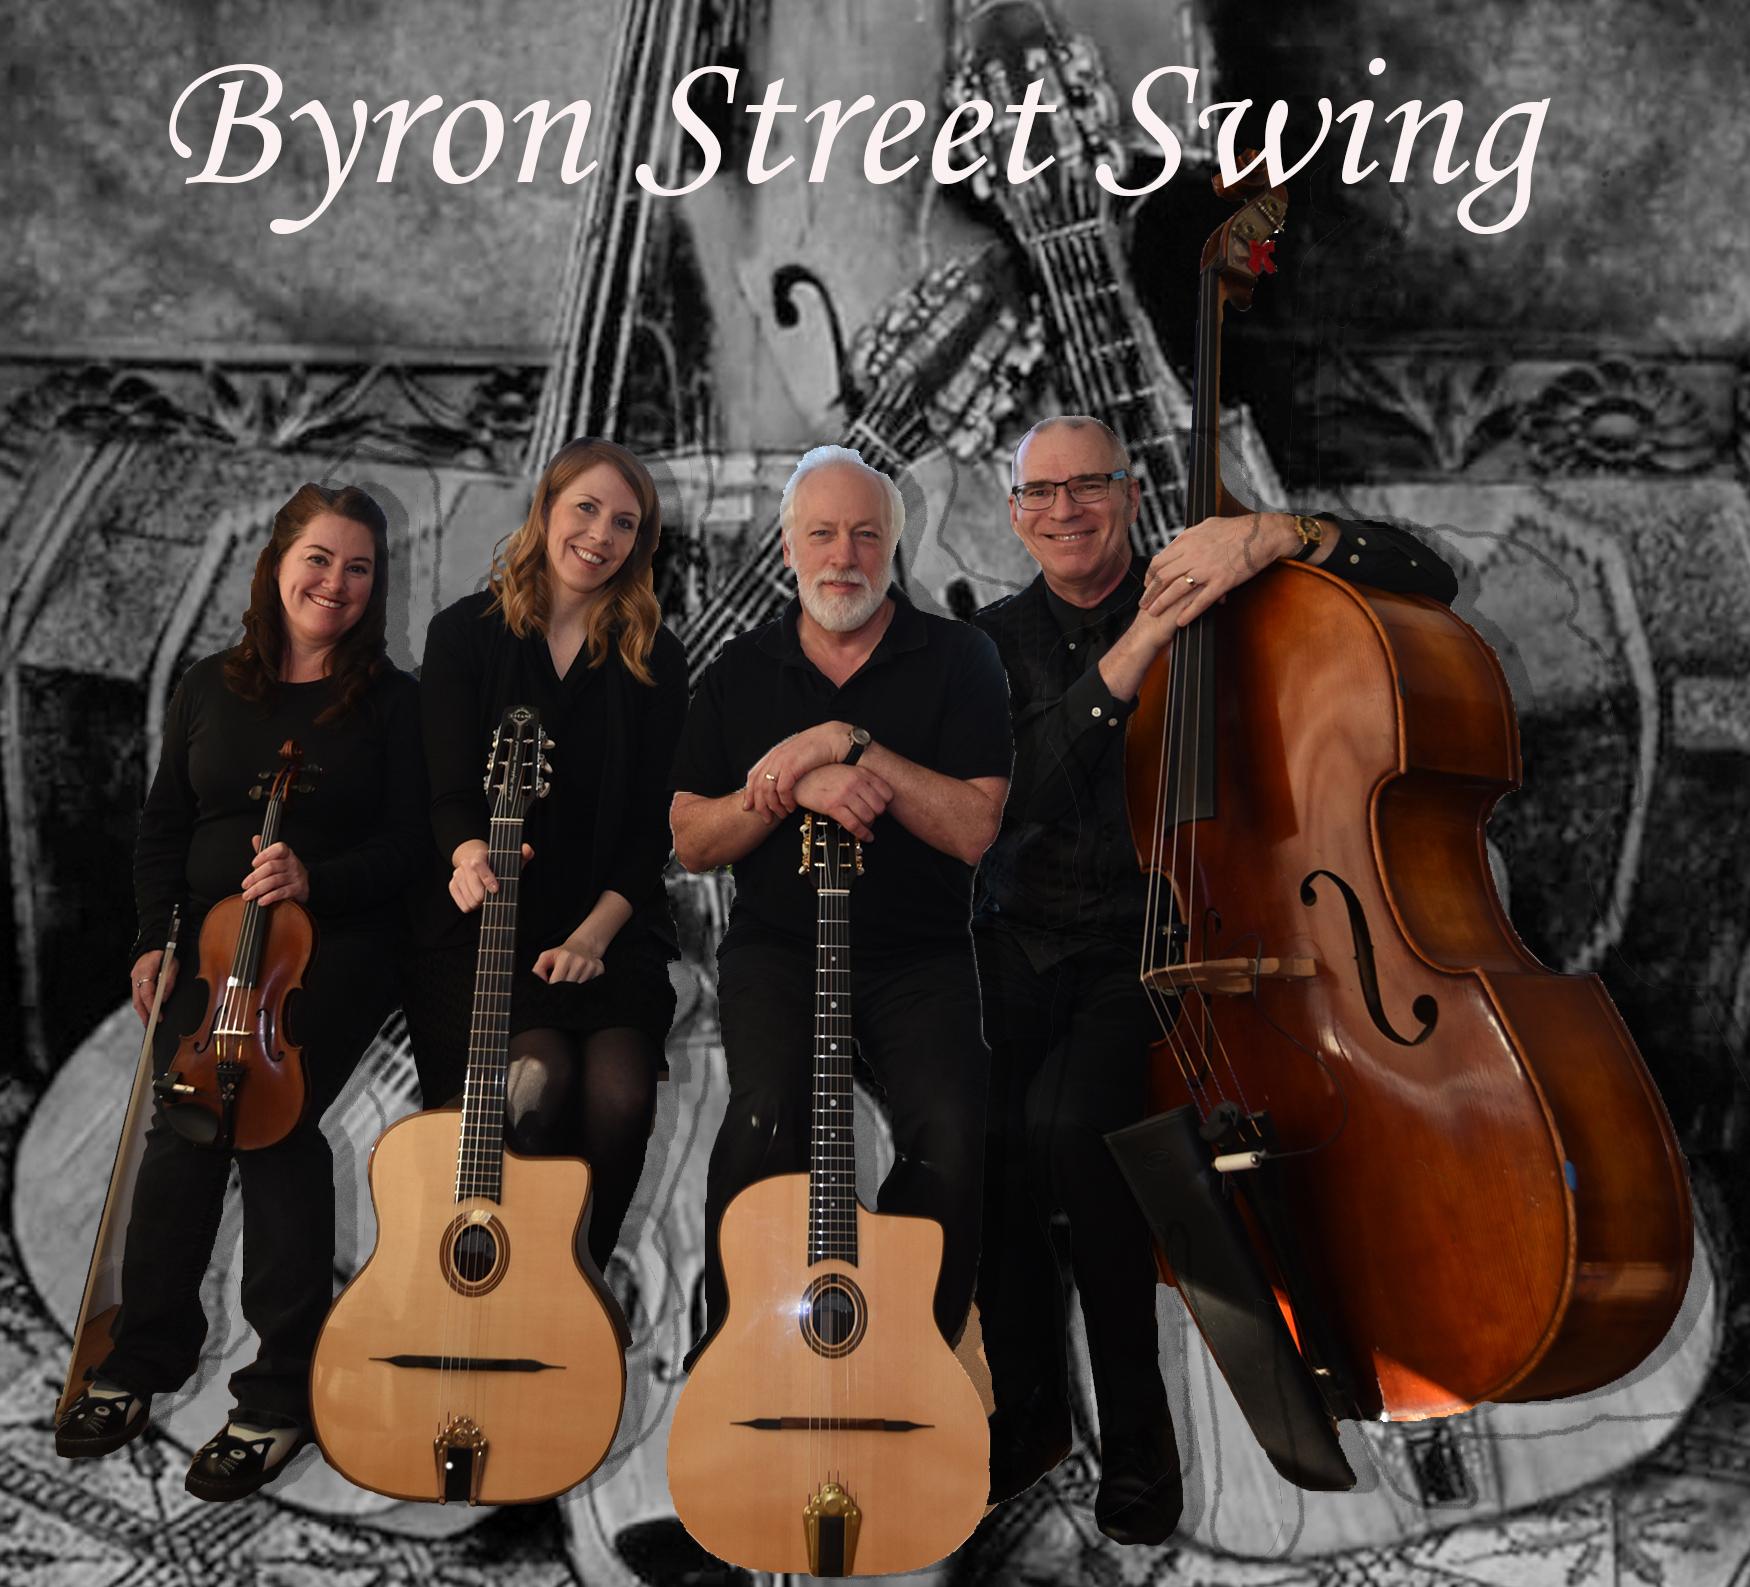 Byron Street Swing